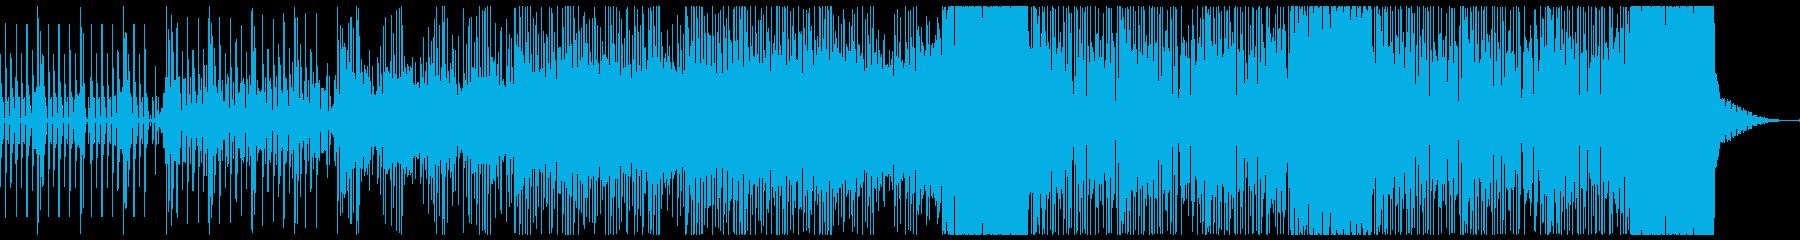 ノリ良し☆ ディープなベースハウスの再生済みの波形